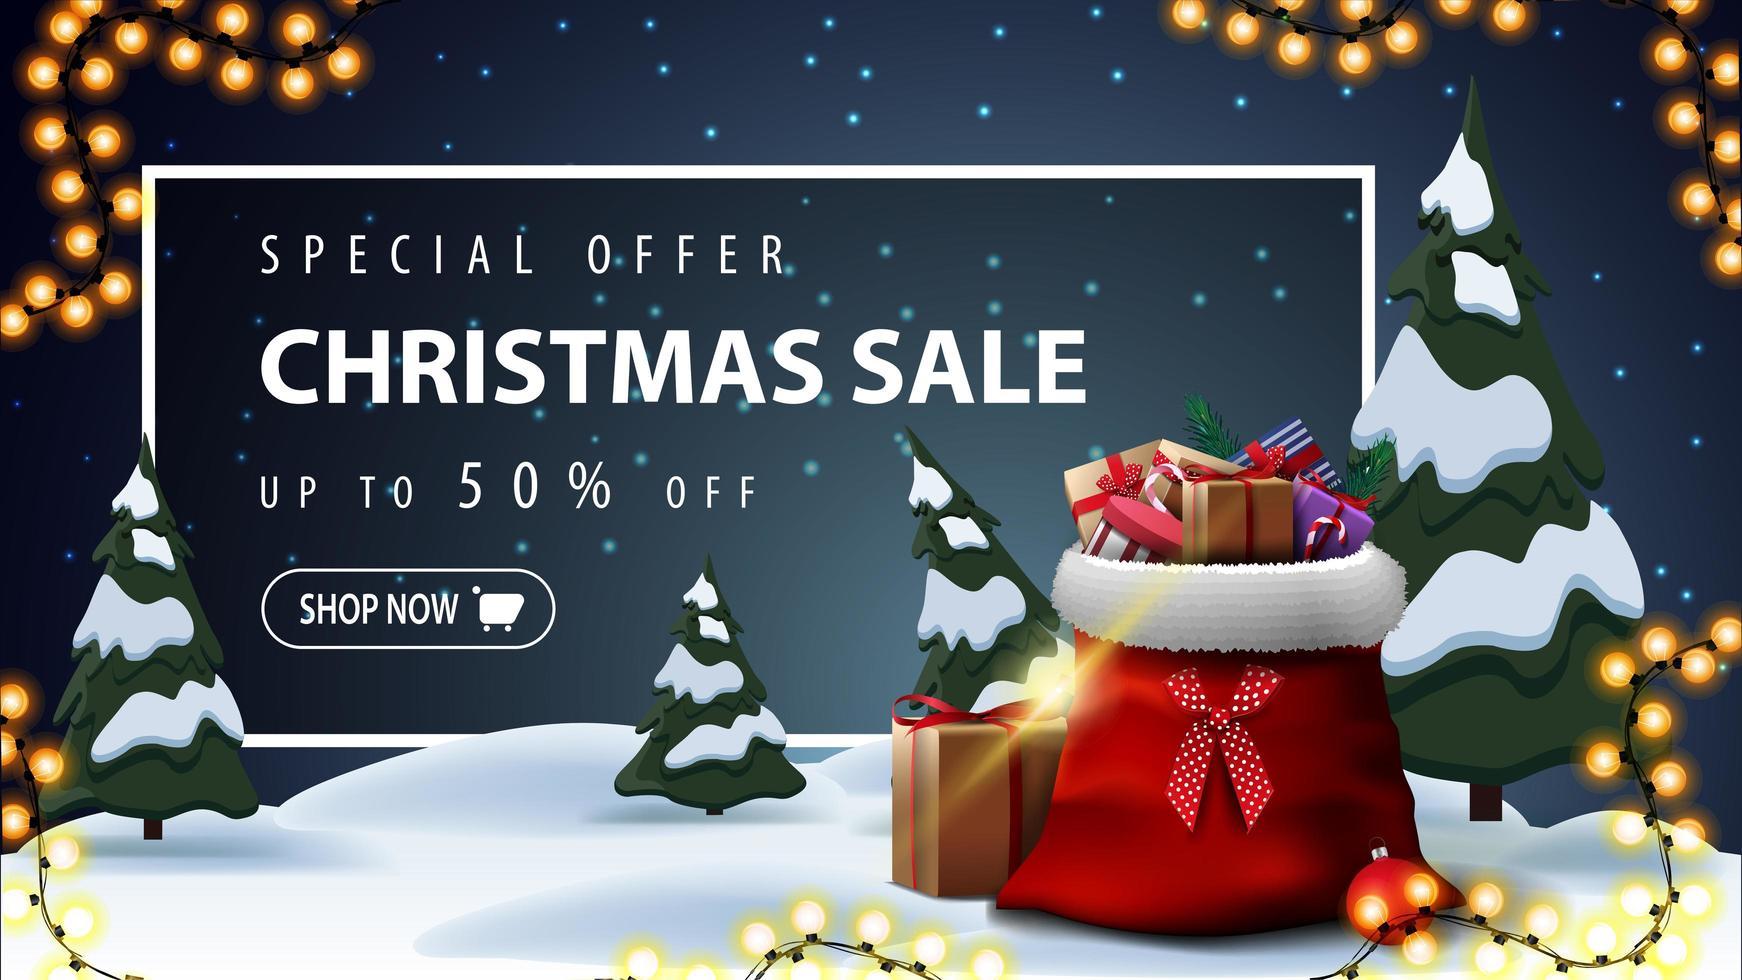 specialerbjudande, julförsäljning, upp till 50 rabatt, vacker rabattbanner med tecknad vinterlandskap på bakgrund, krans, jultomtepåse med presenter och vit ram med erbjudande bakom snödrivorna vektor